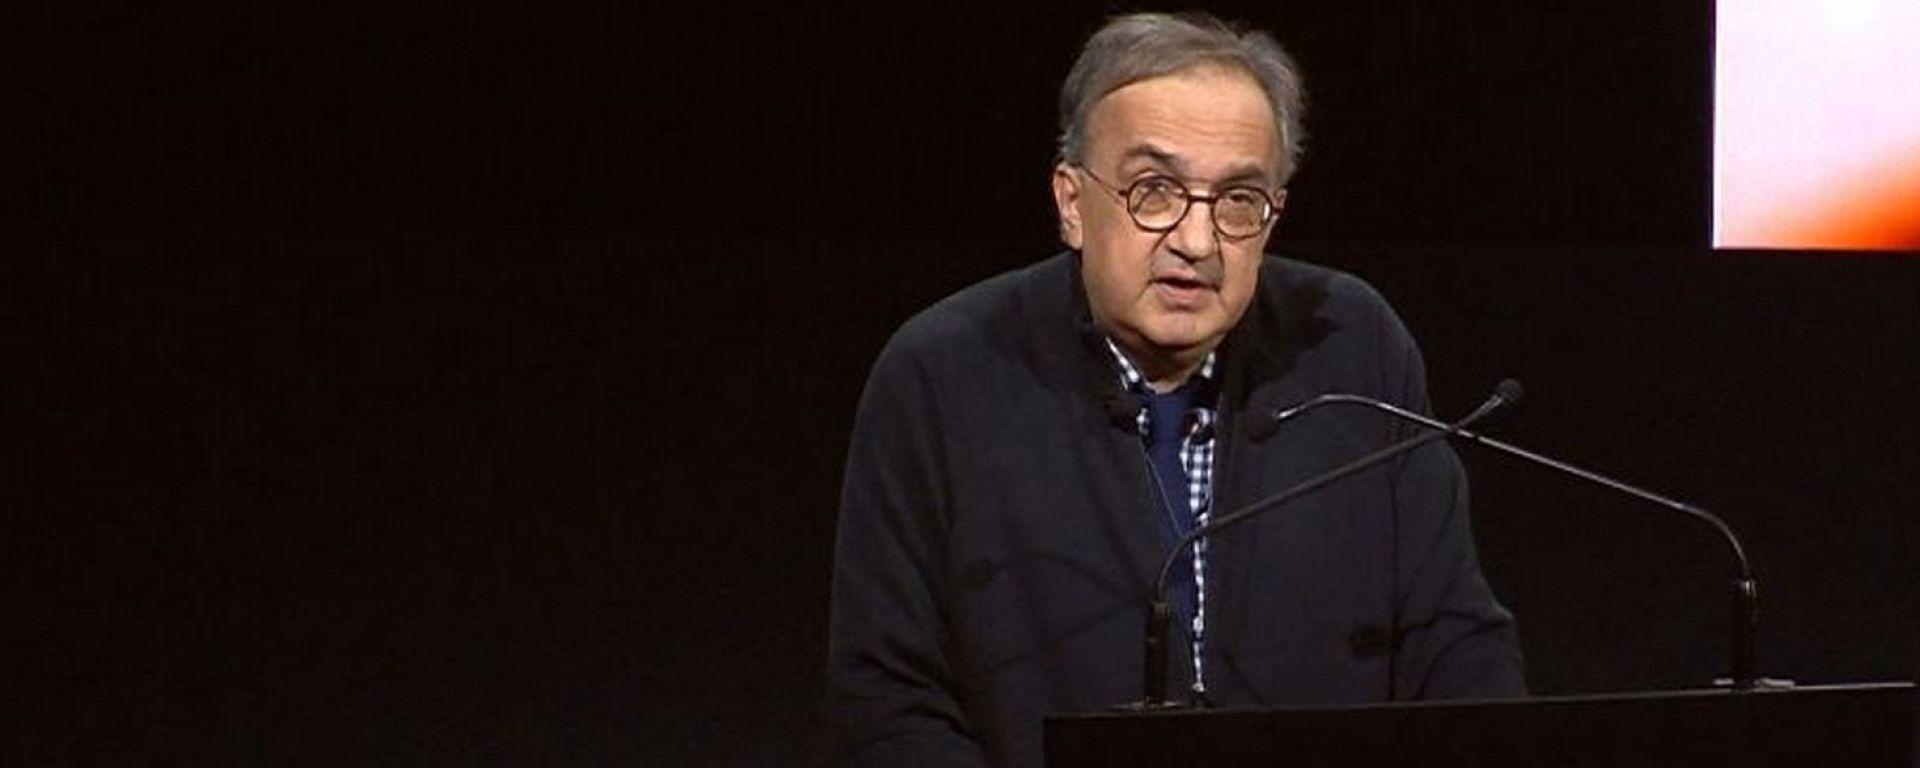 Sergio Marchionne, ultima assemblea degli azionisti da Ceo FCA